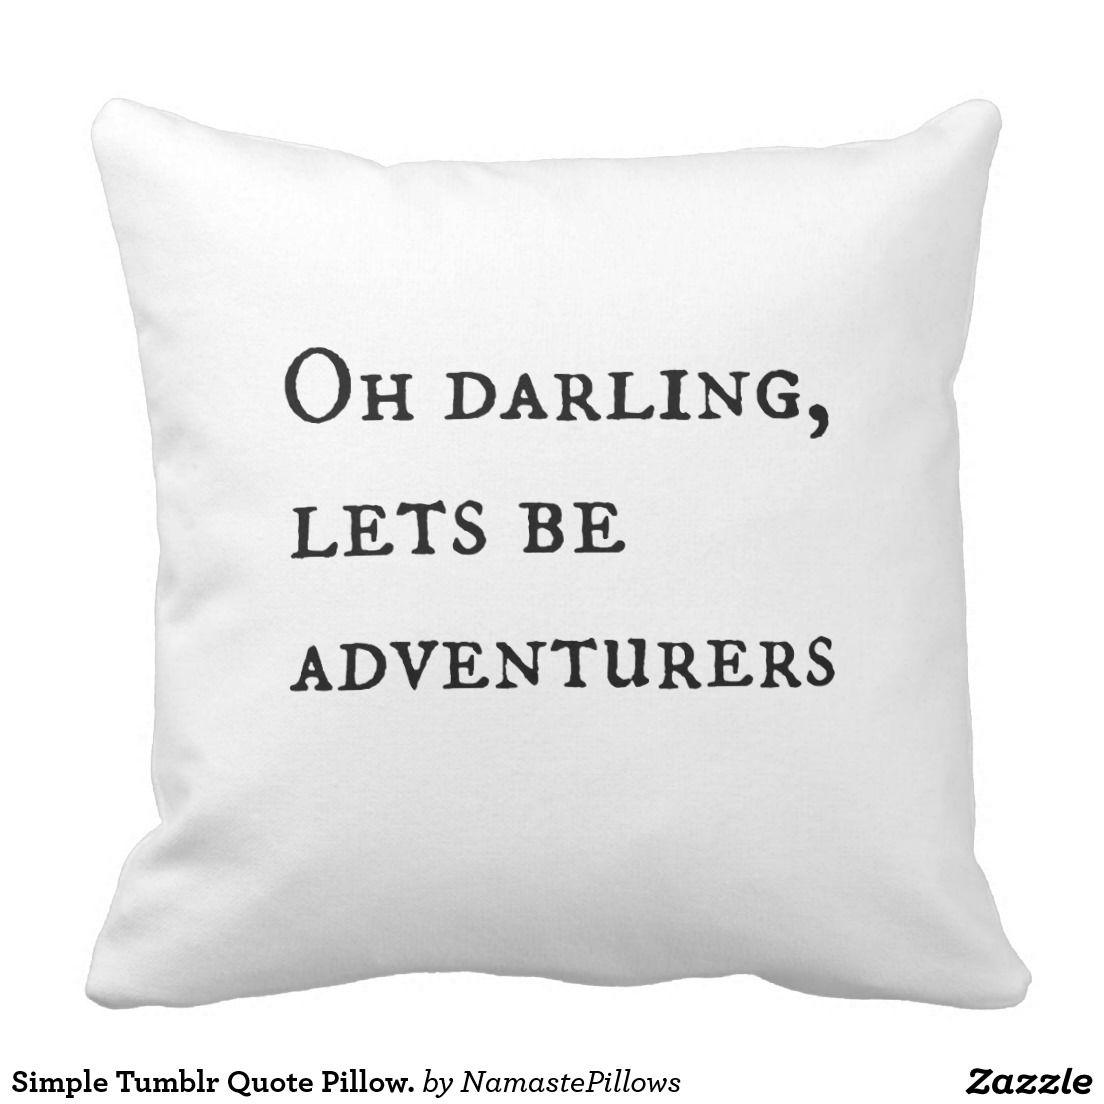 Simple tumblr quote pillow throw pillow throw pillows pillows